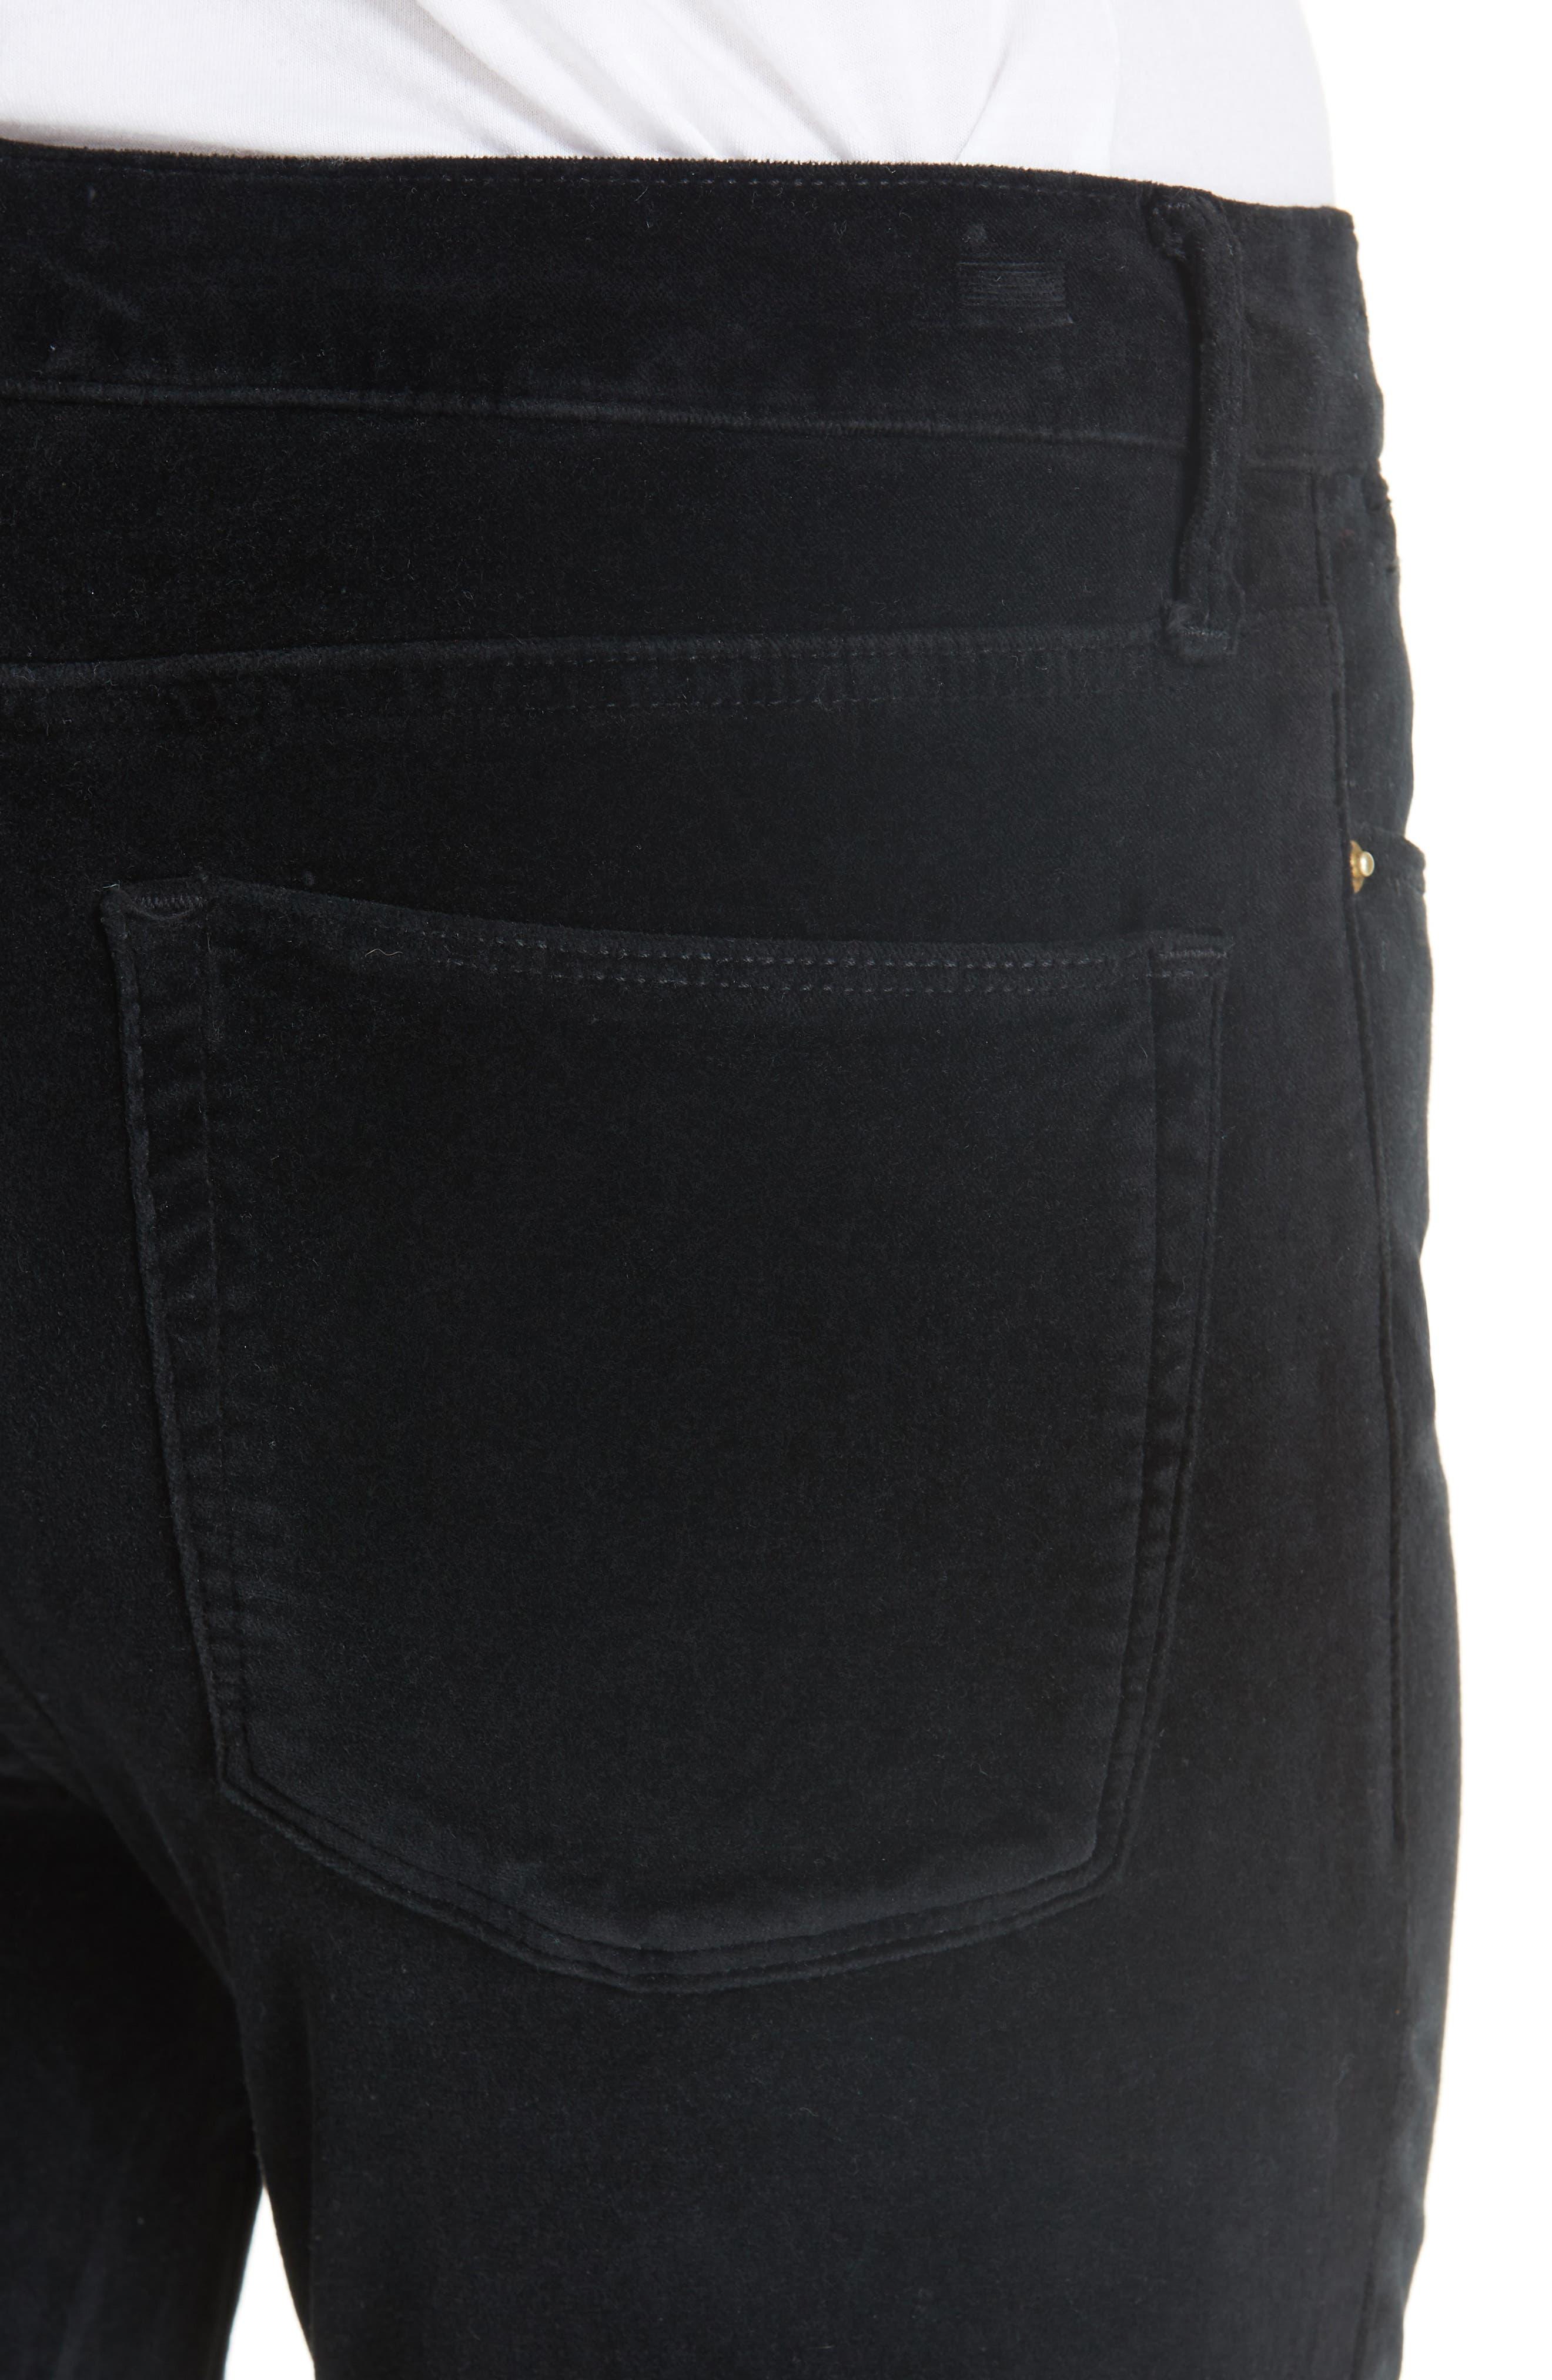 Velveteen High Waist Ankle Skinny Pants,                             Alternate thumbnail 4, color,                             NOIR